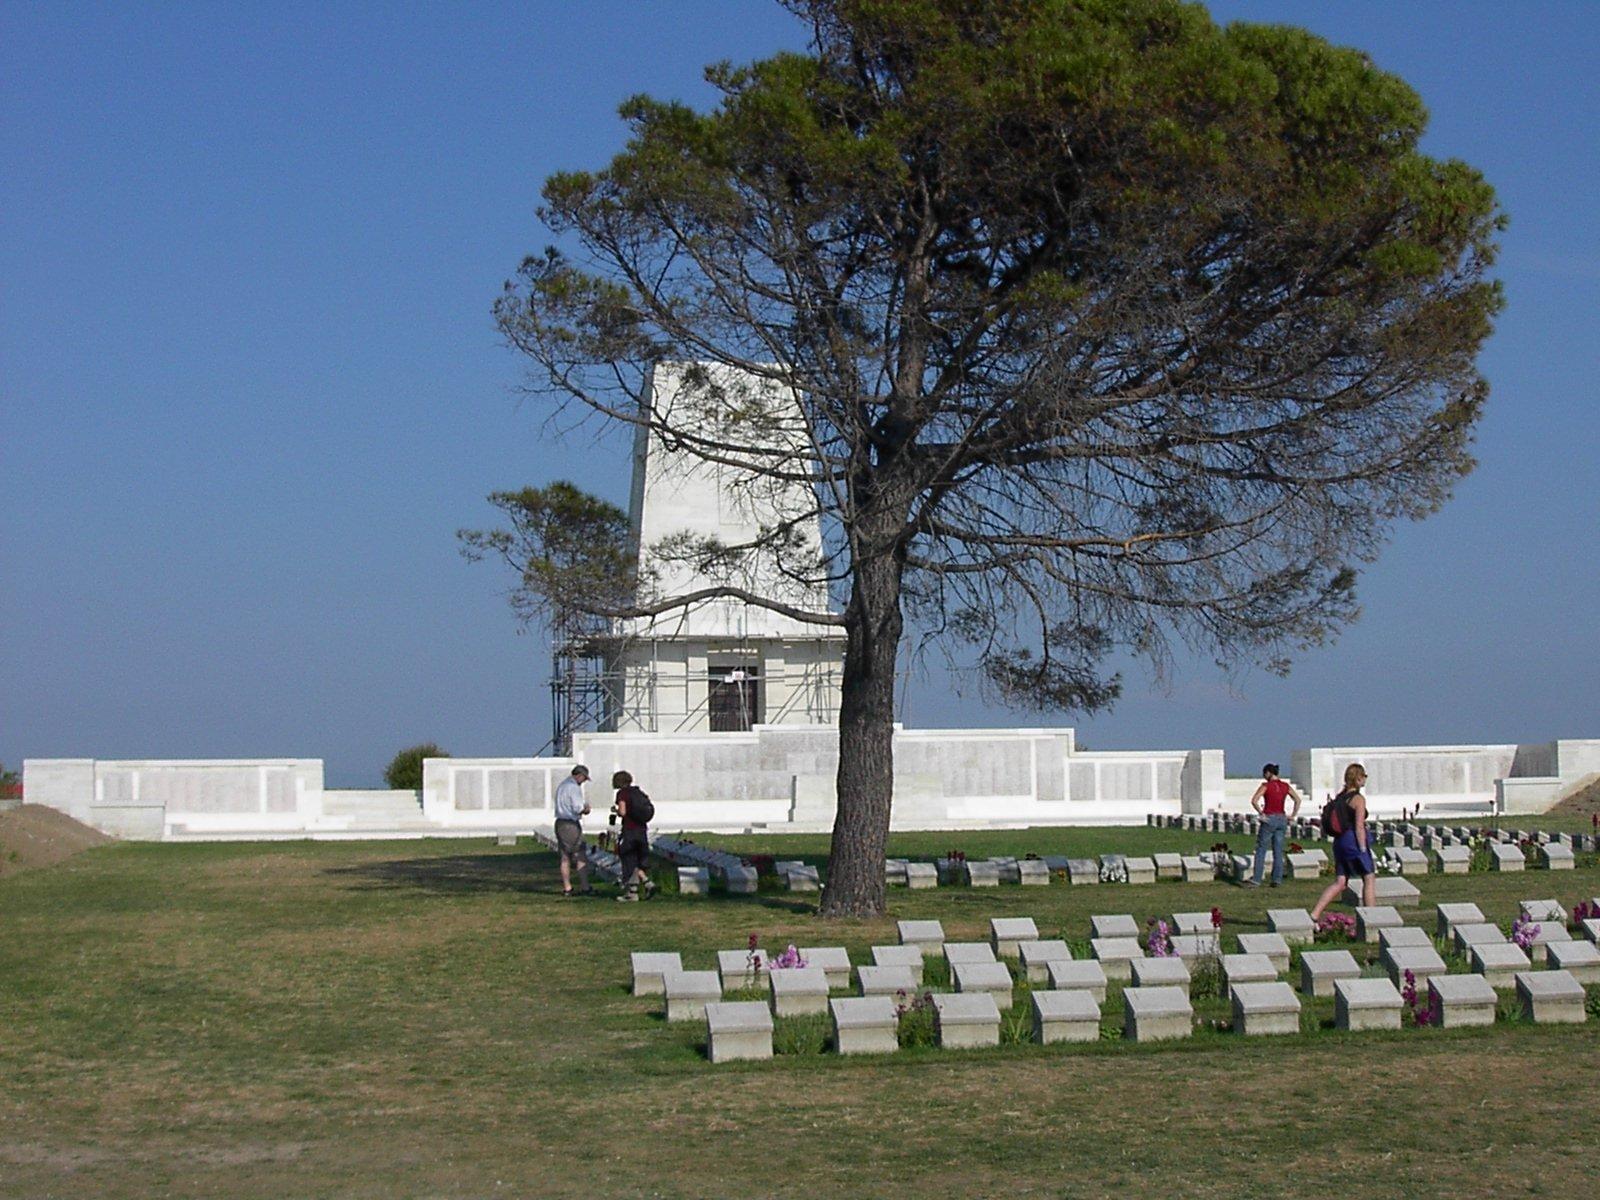 Zdjęcie australijskich pomników na cmentarzu wLone Pine, Gallipoli. Źródło: Adam Carr, Zdjęcie australijskich pomników na cmentarzu wLone Pine, Gallipoli., 2002, fotografia, domena publiczna.